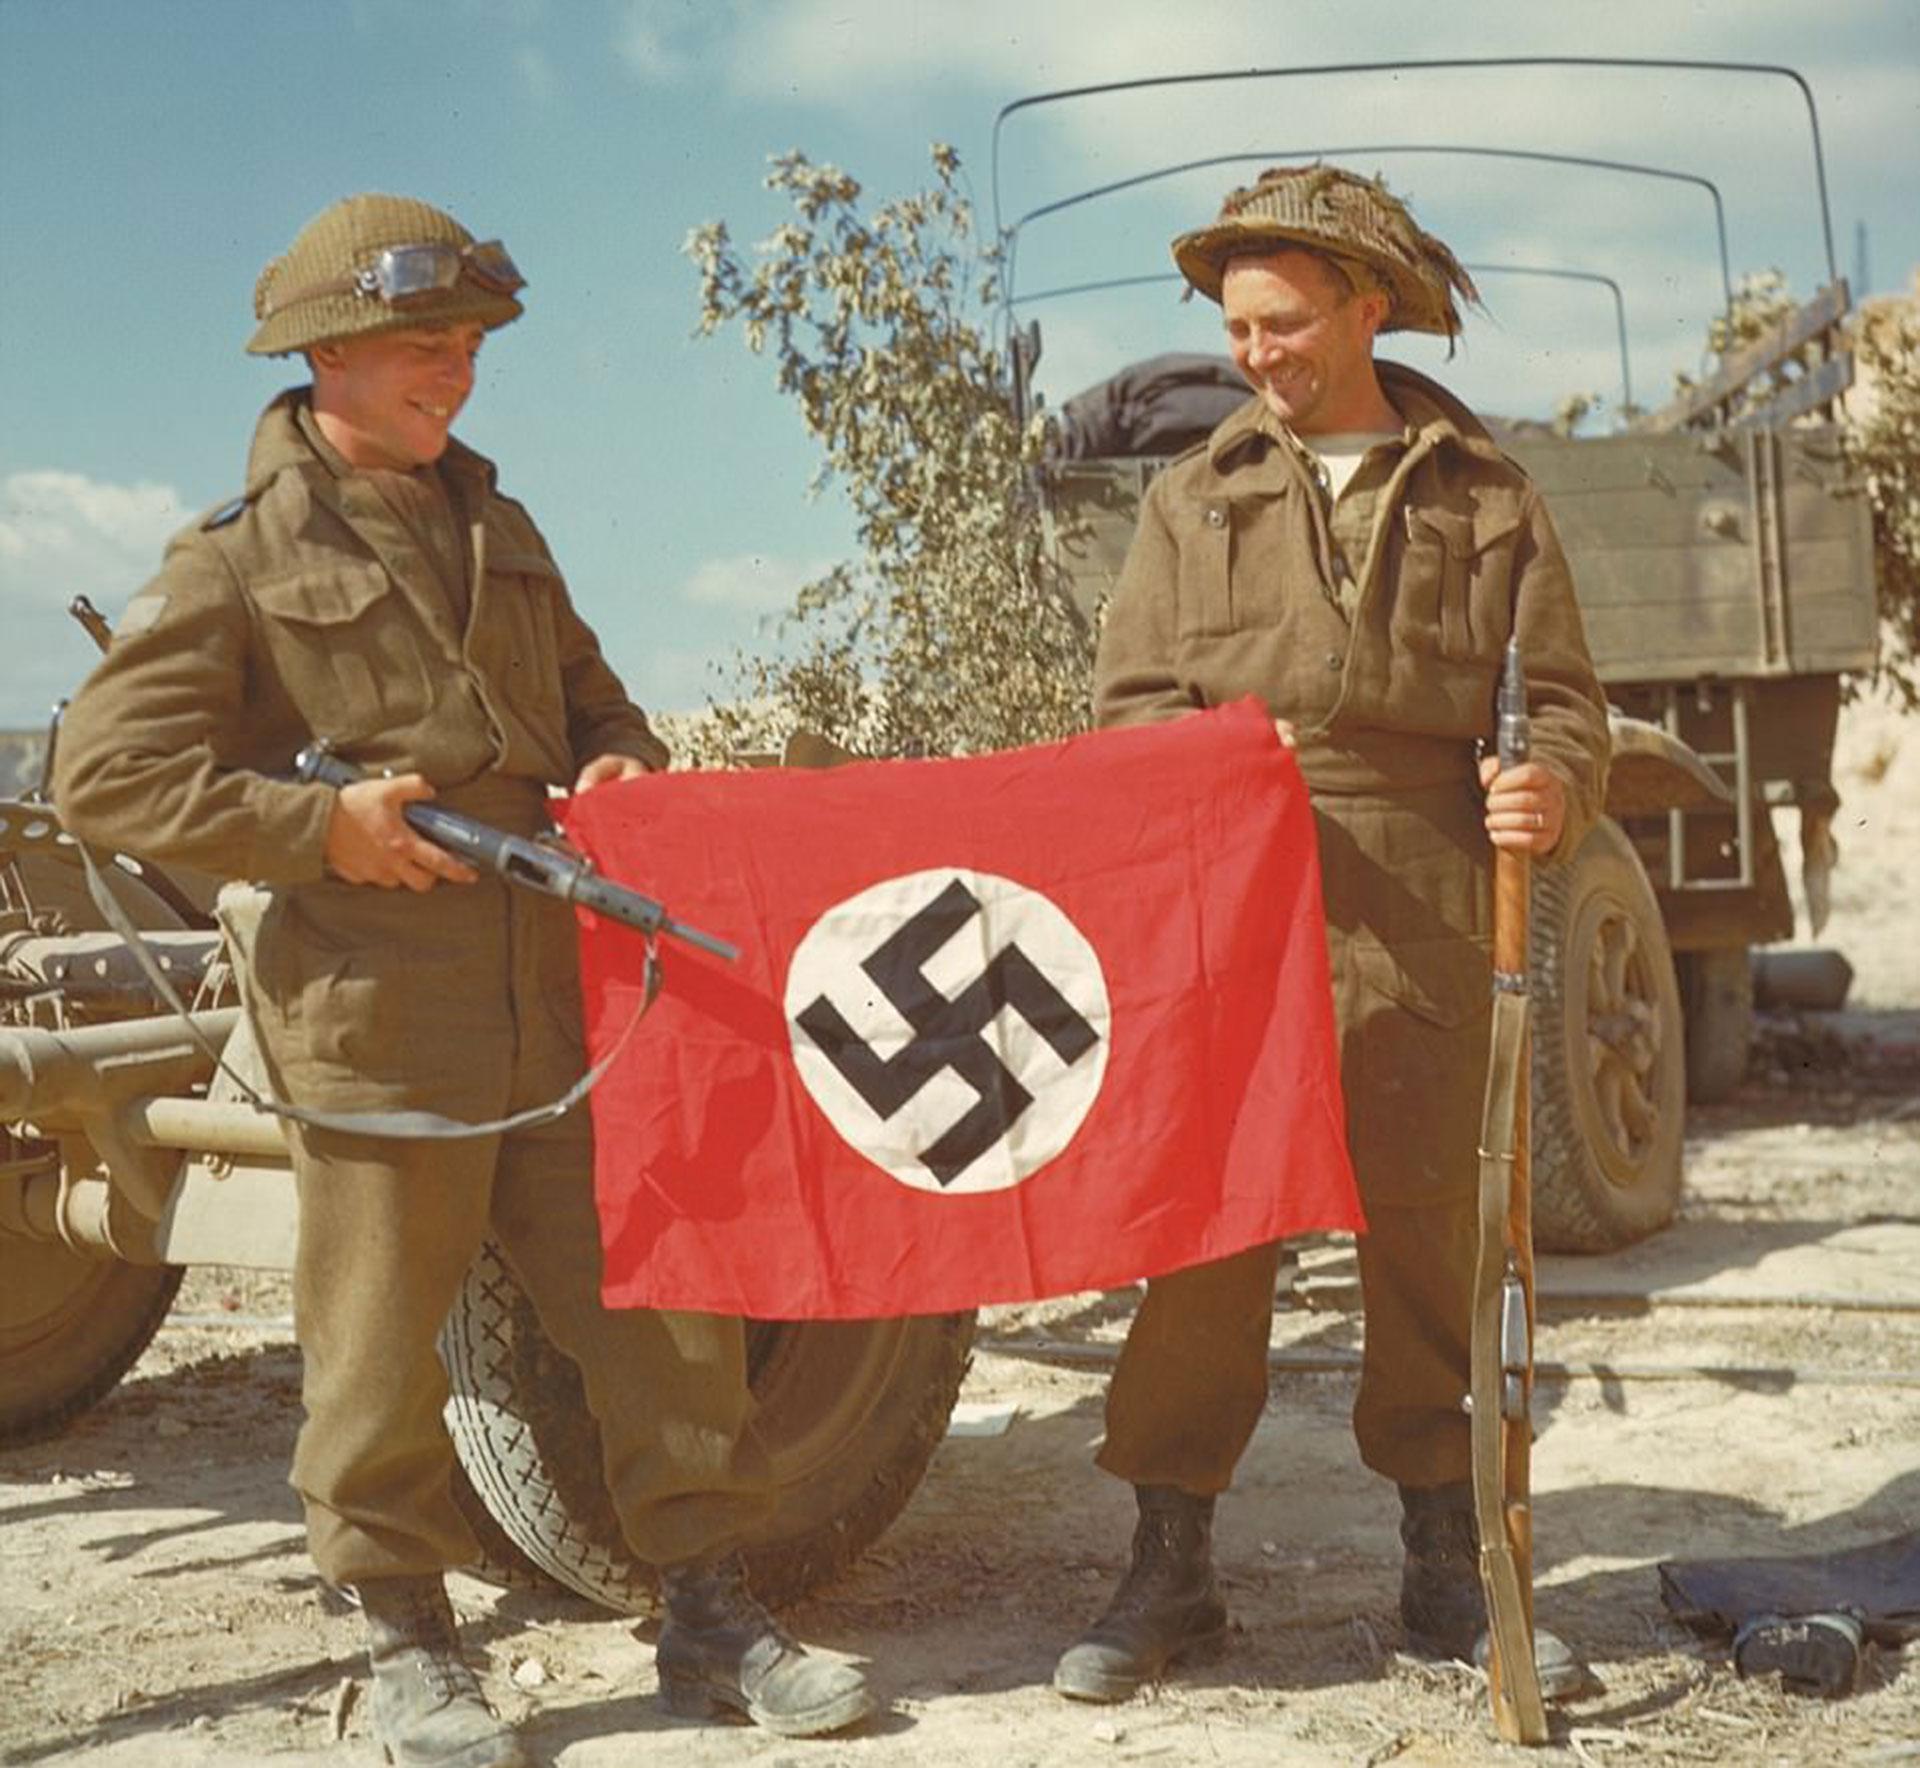 Dos soldados canadienses sostienen una bandera nazi capturada luego del desembarco en Normandía (National Archives of Canada)